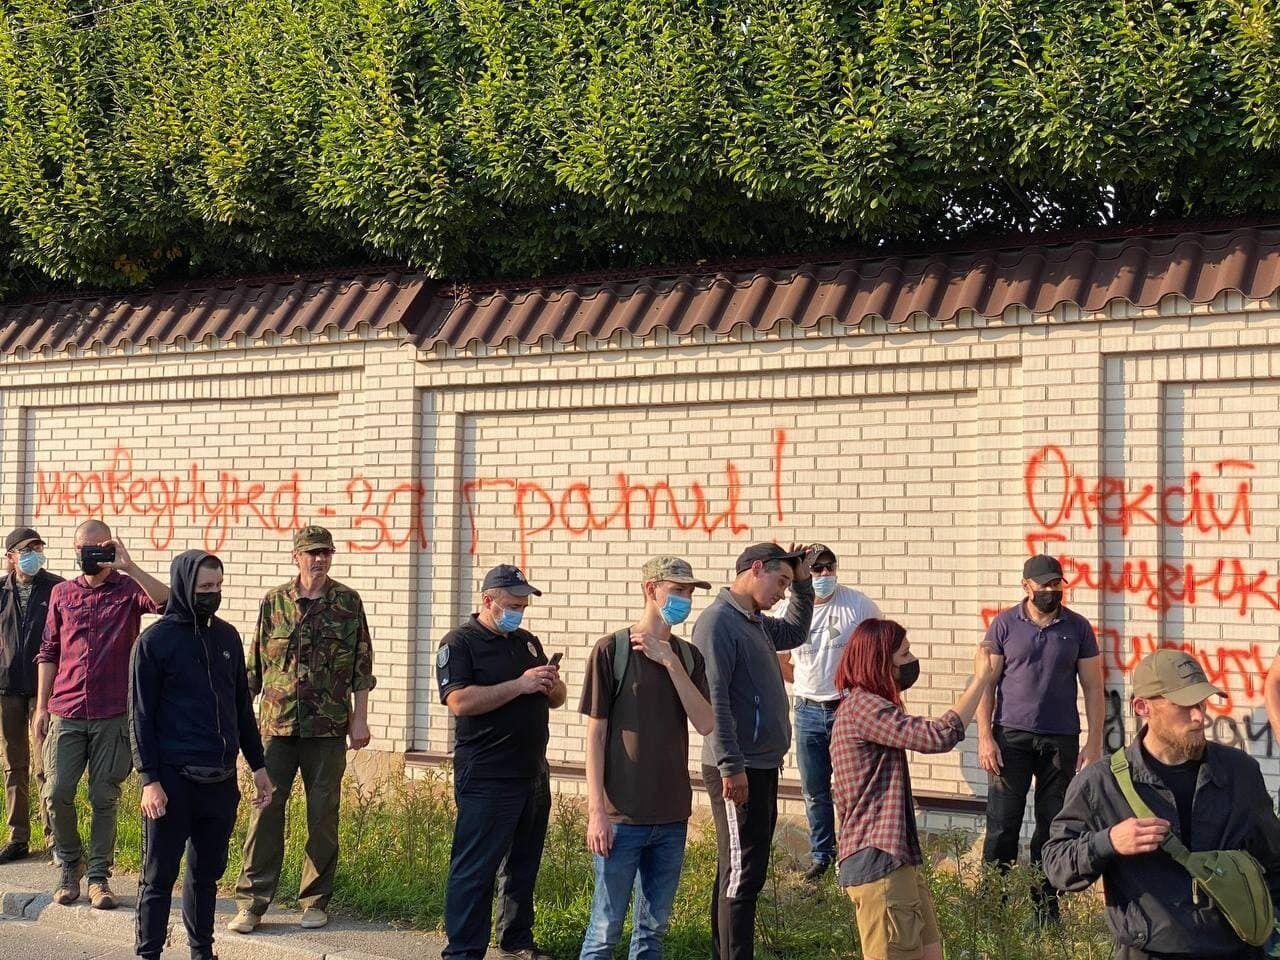 Ветерани АТО пікетували маєток Медведчука в Києві, вимагали заборони прокремлівських сил та їхніх сателітів у Київраді